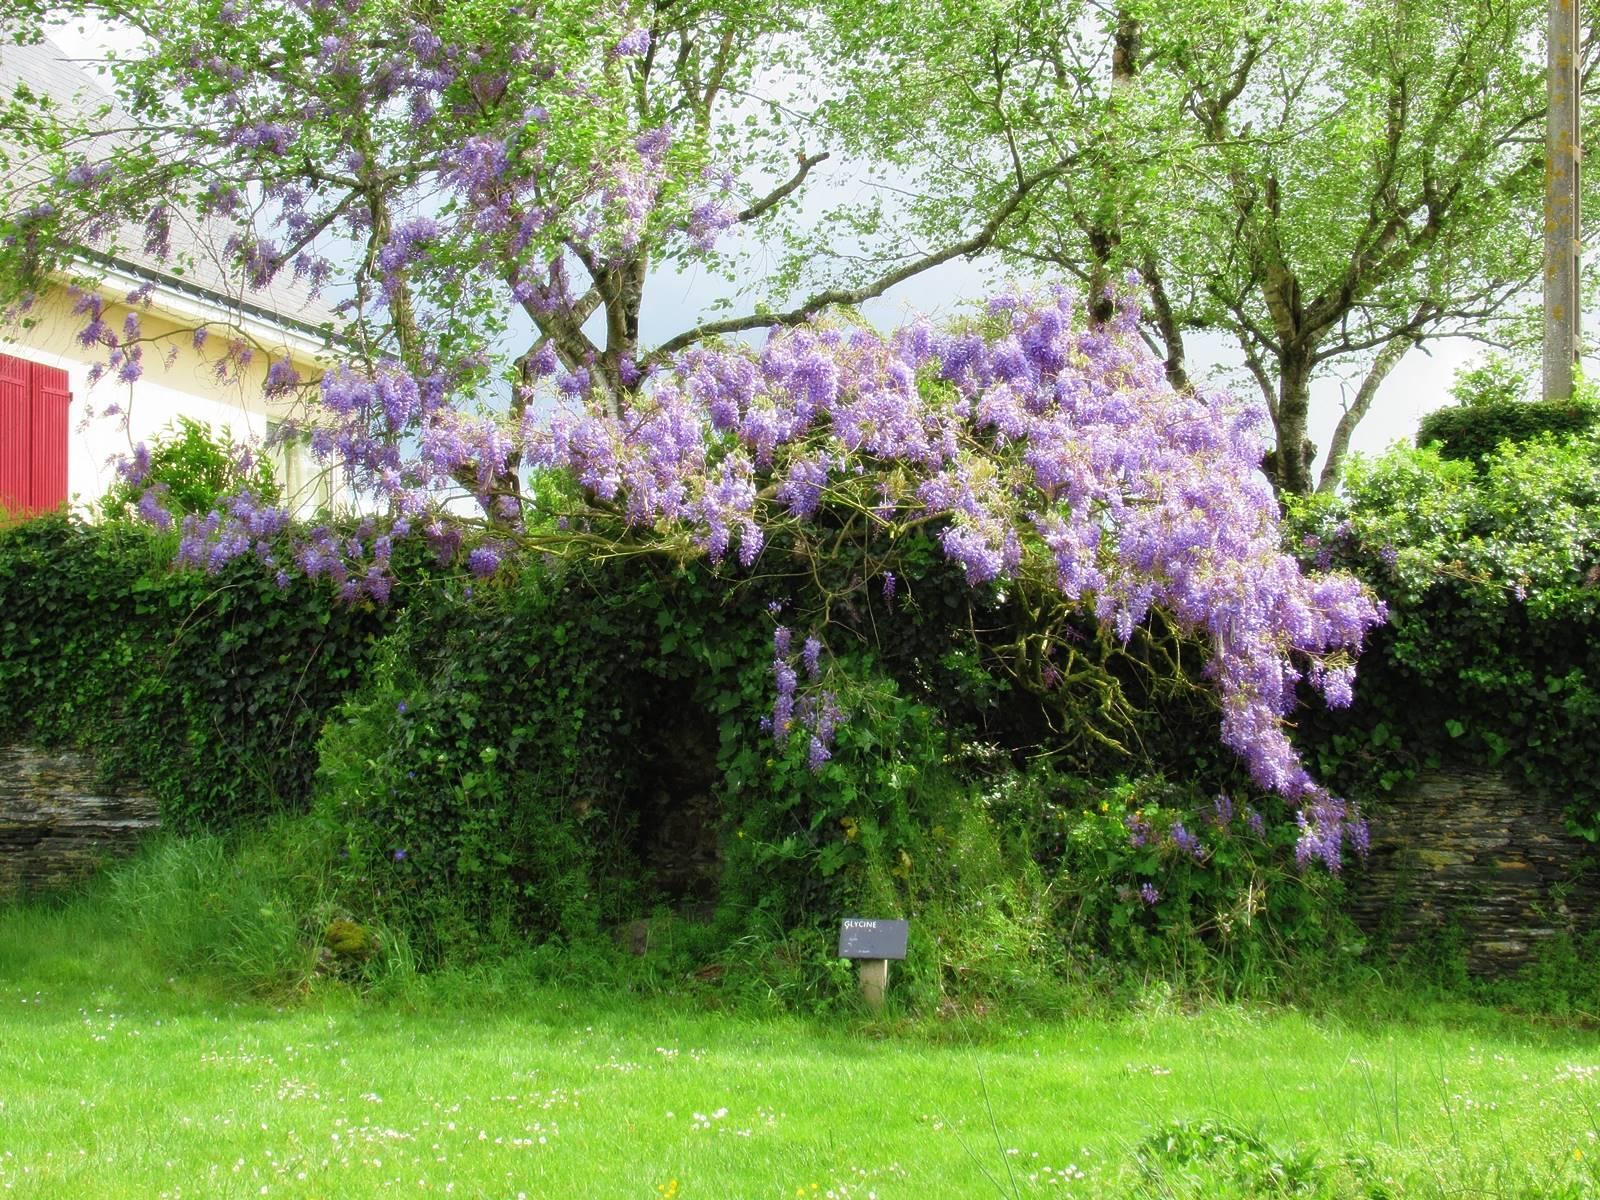 Arboretum sophie trebuchet 10